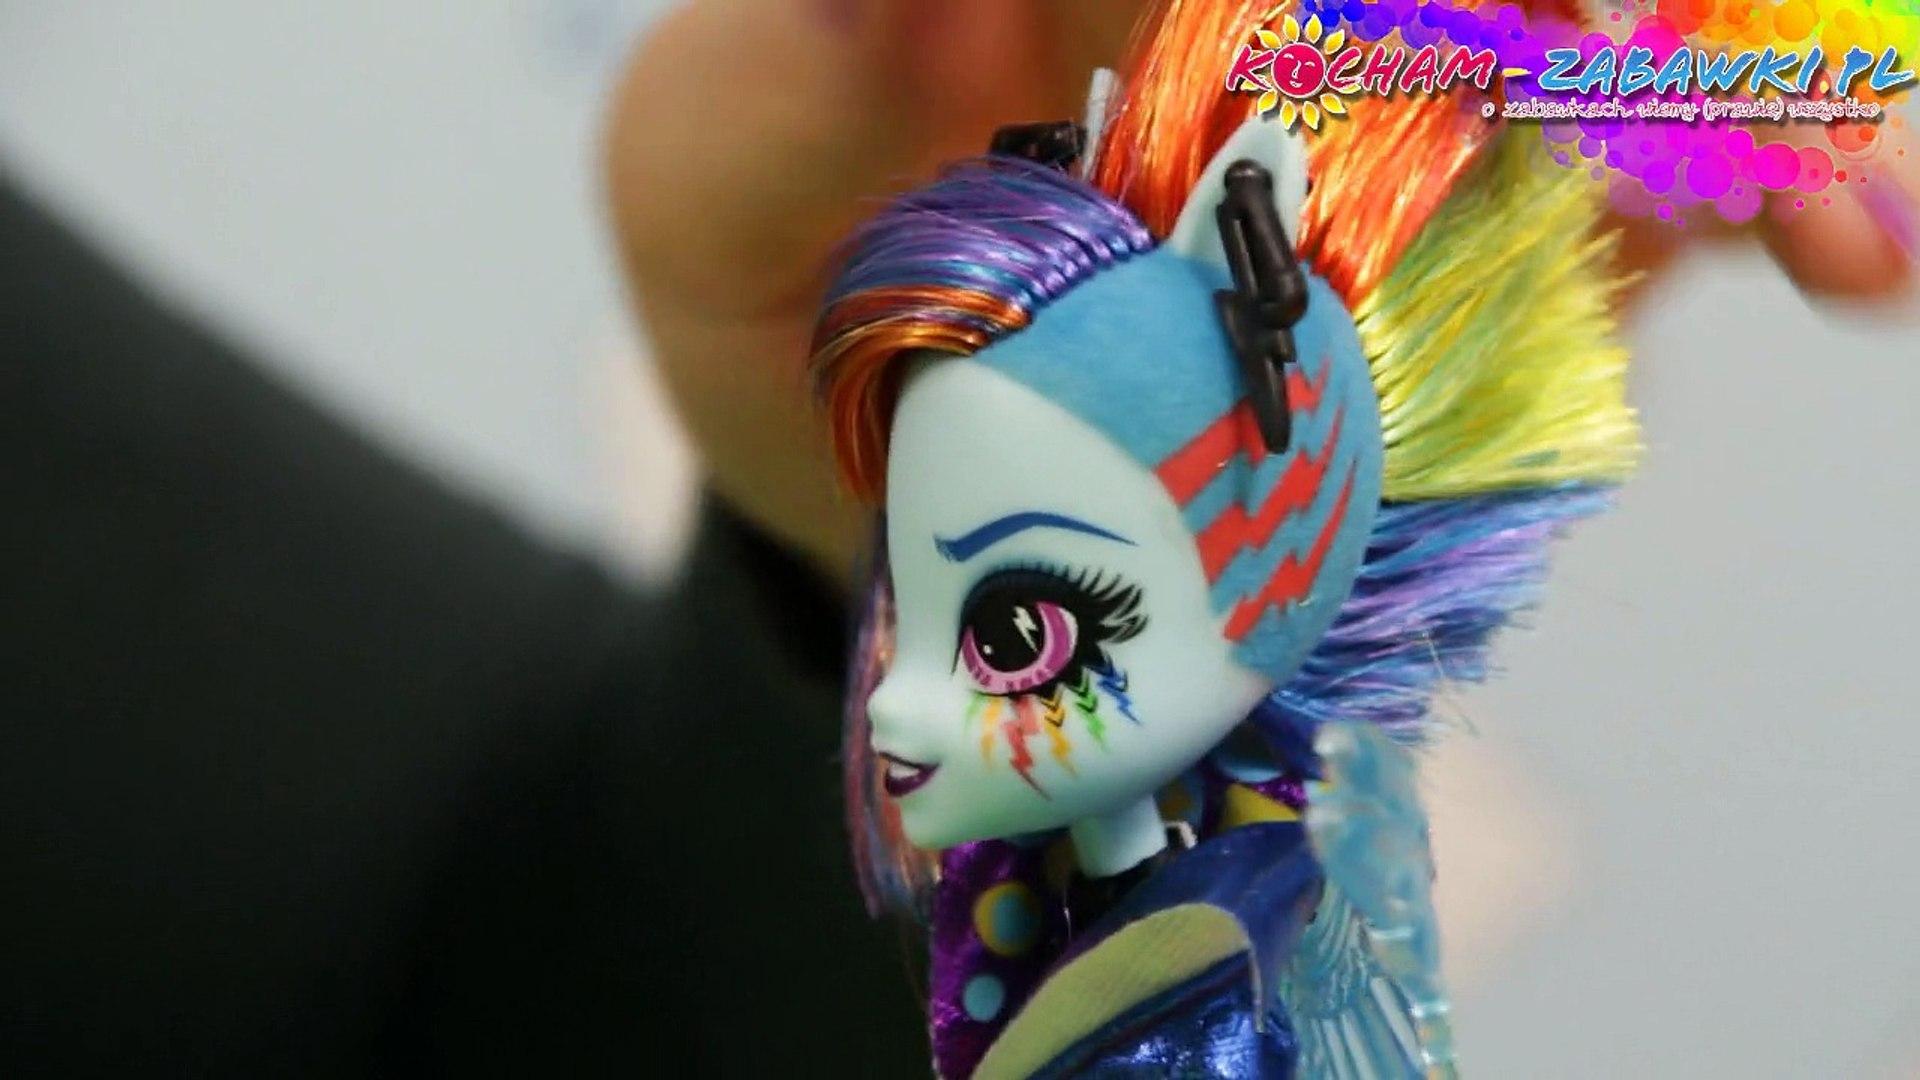 Rainbow Dash Rockin Hairstyle Doll / Stylowa Fryzura Rainbow Dash - Equestria Girls - MLP - B1038 B1